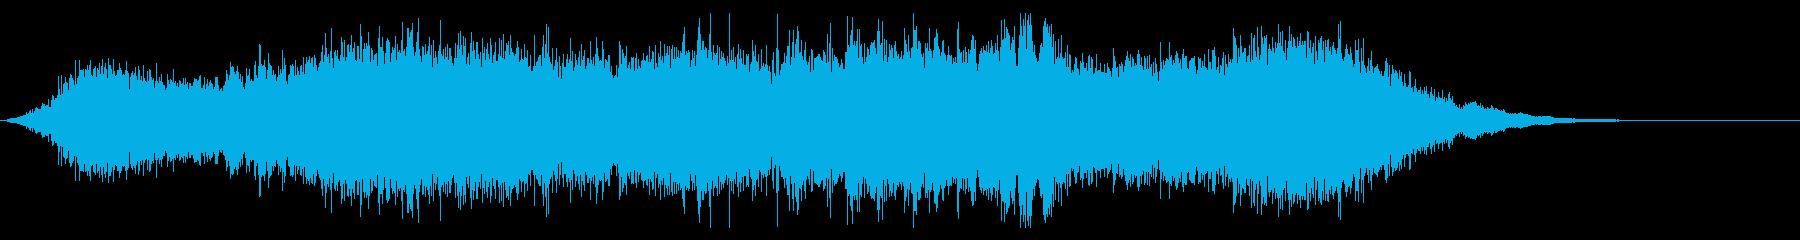 Dark_ホラーで怪しく神秘的-04の再生済みの波形